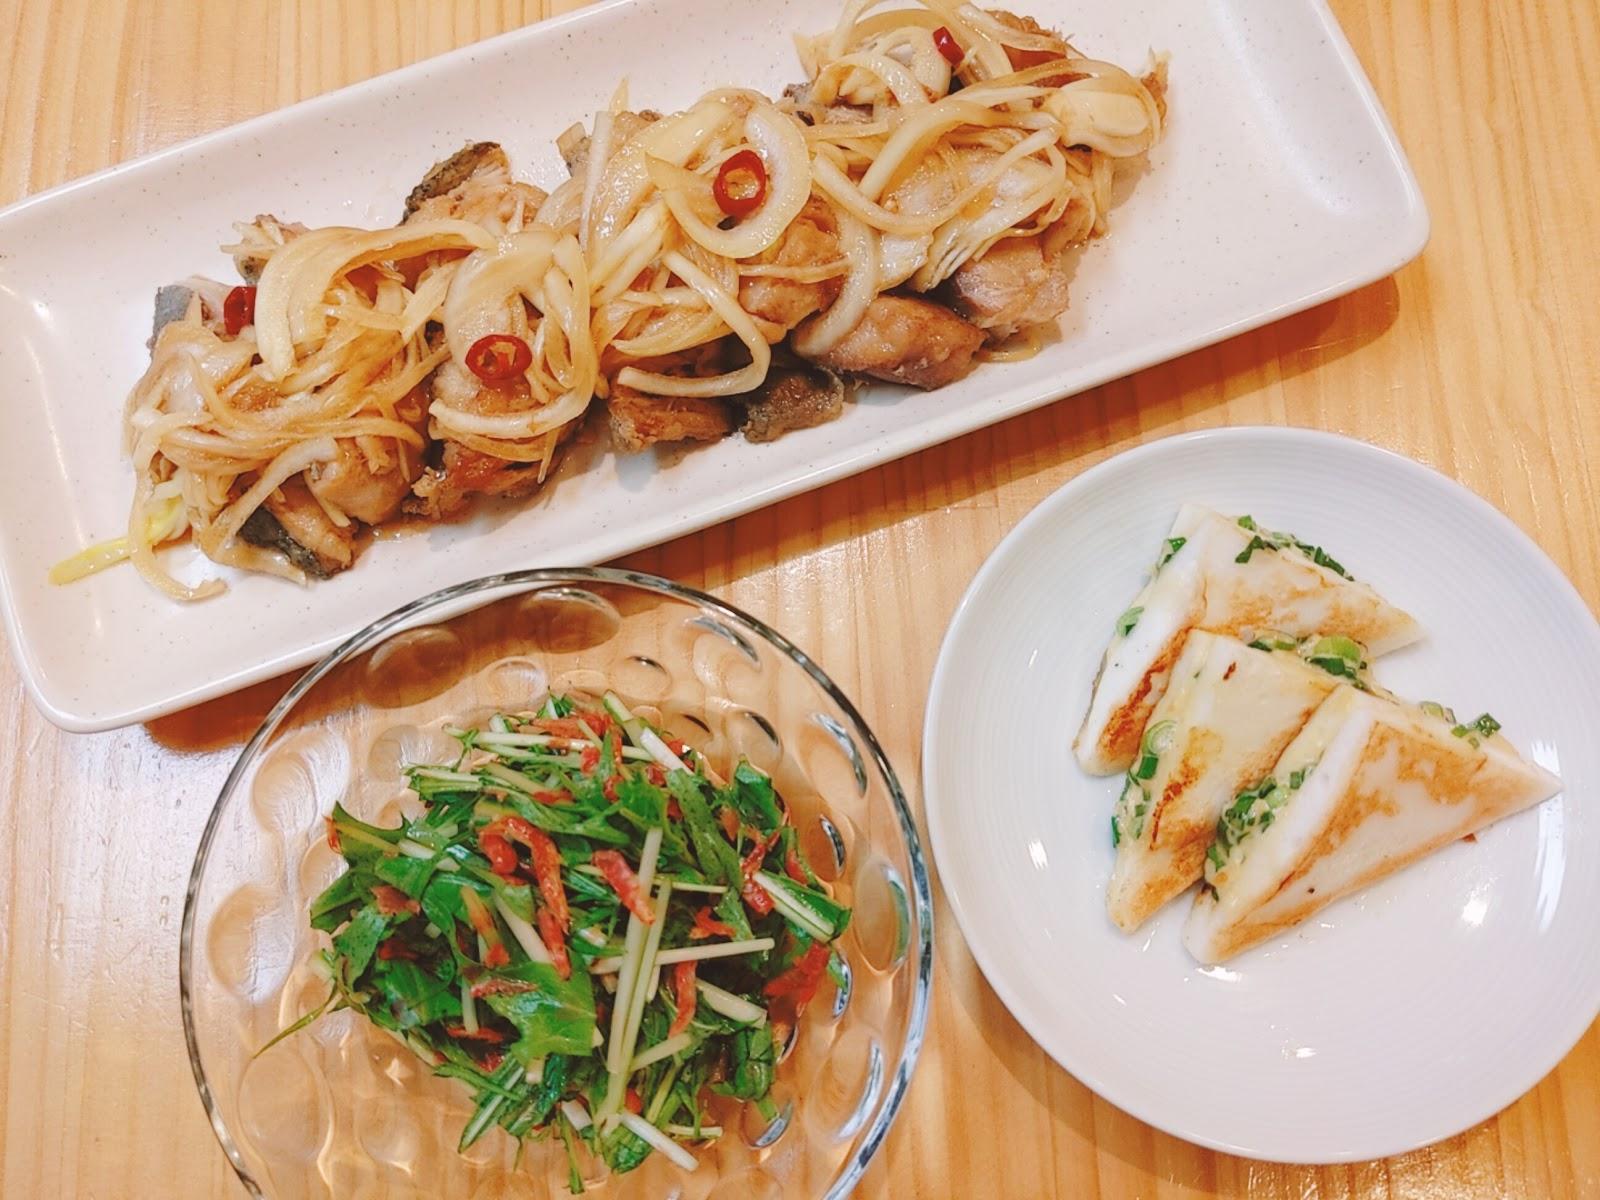 浜松の食材宅配サービスならサンクック *ママレポ*魚料理ニガテなママが『骨なし魚』で和食メニューに挑戦!!